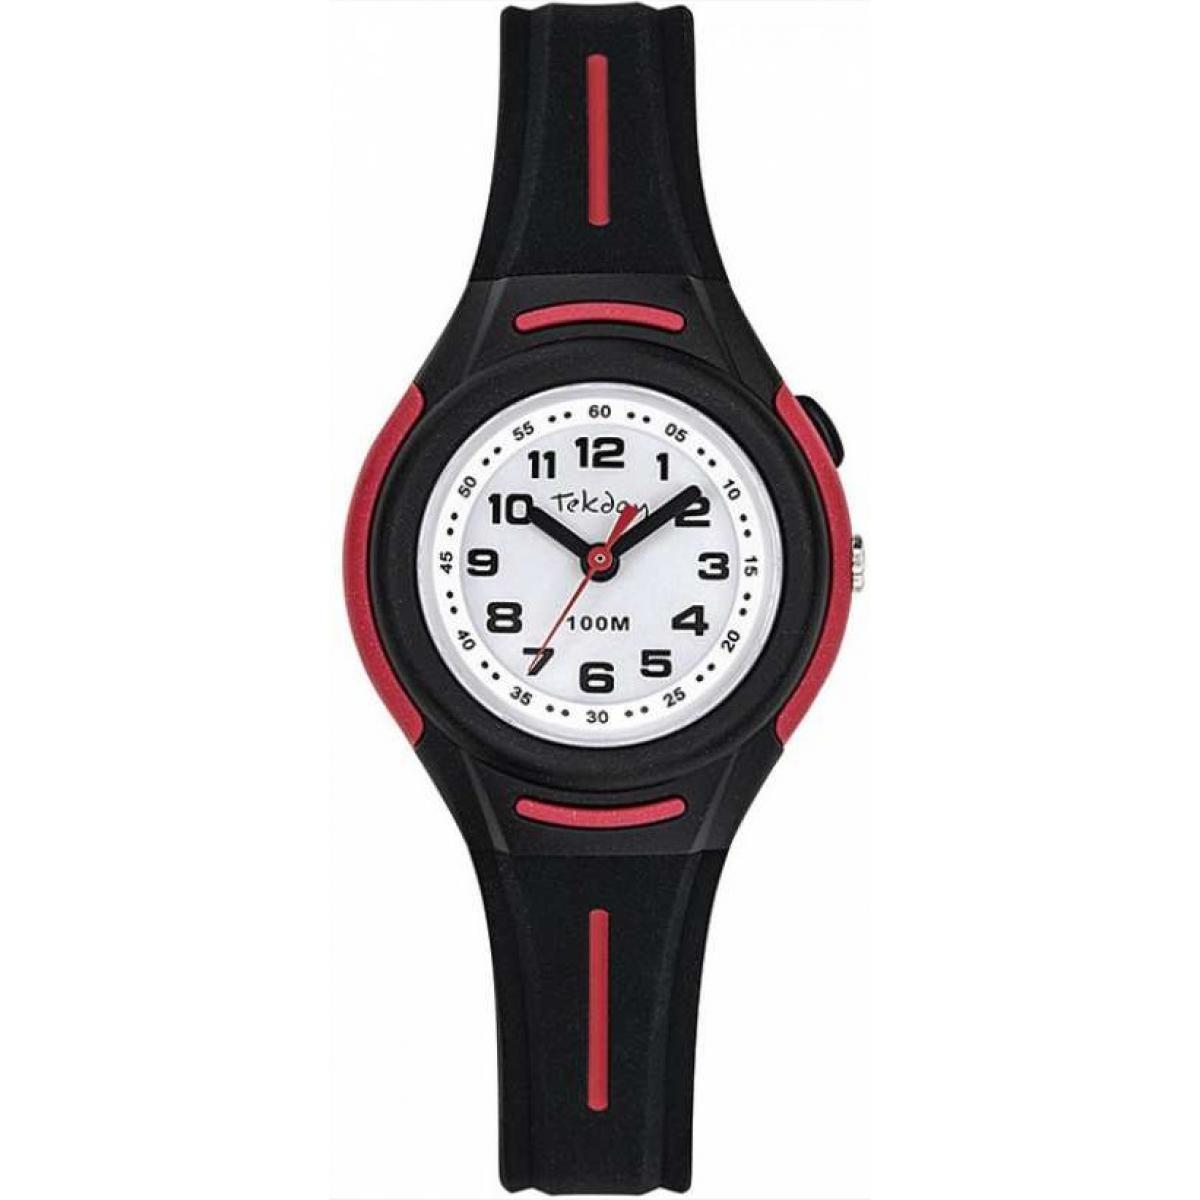 Montre 654674 - Montre Boîtier Silicone Rouge Bracelet Silicone Noir - Tekday - Modalova